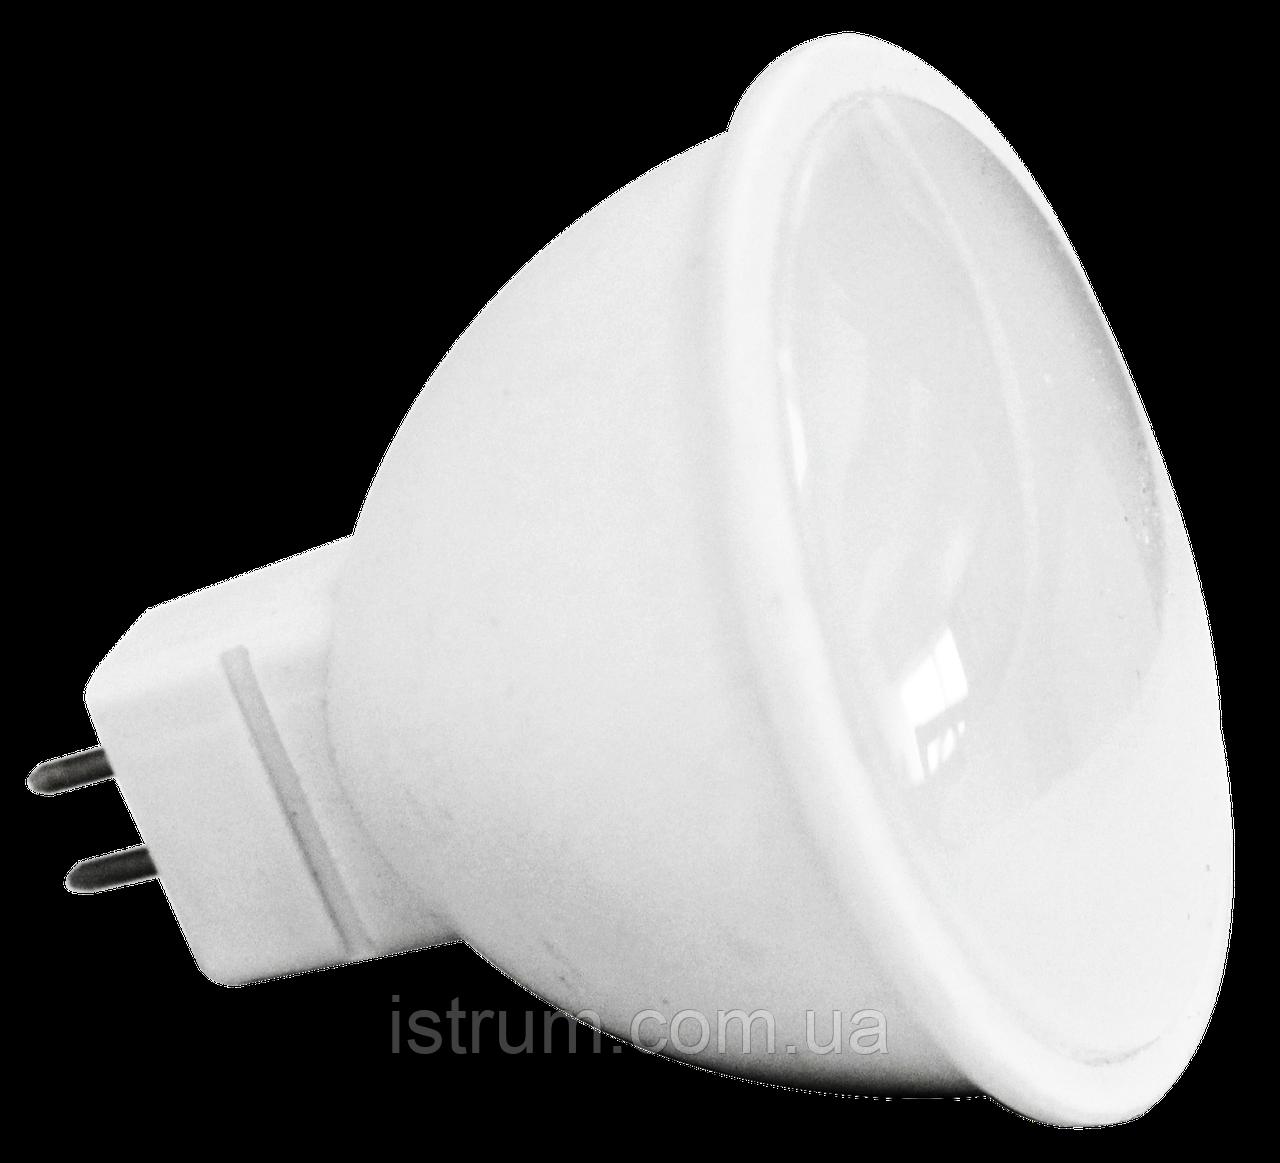 Лампа светодиодная 5W MR16 (CW/NW) 120° 220V, Numina